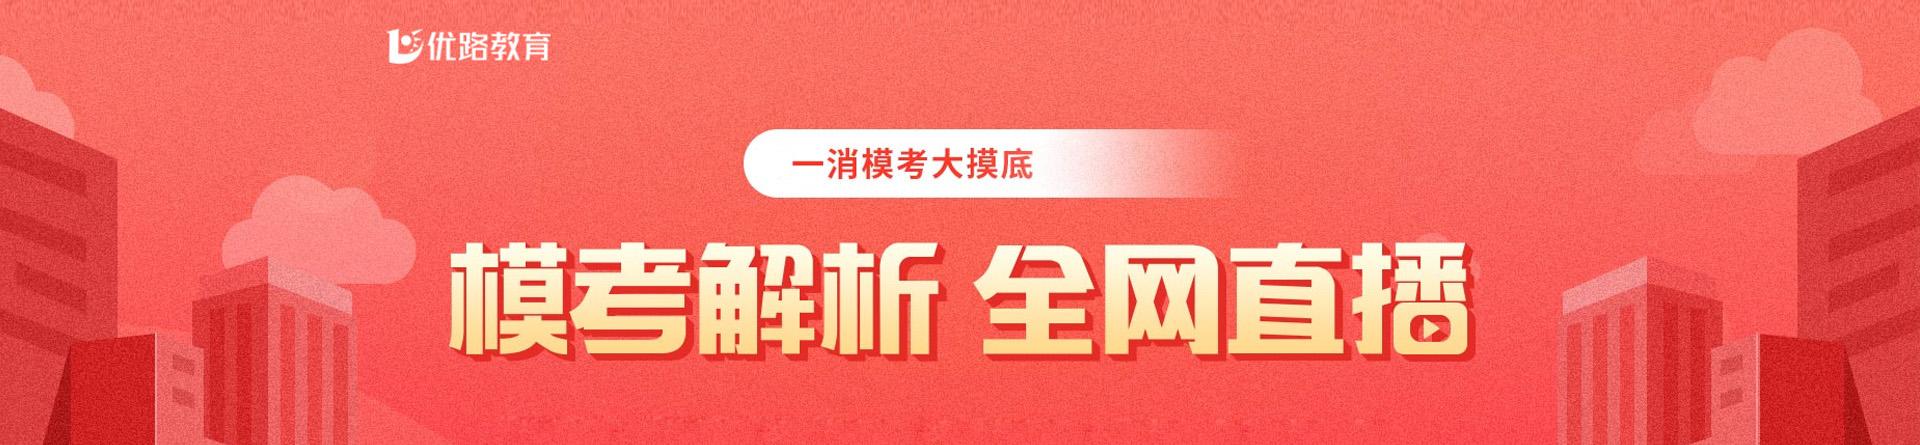 武汉江汉优路教育培训学校